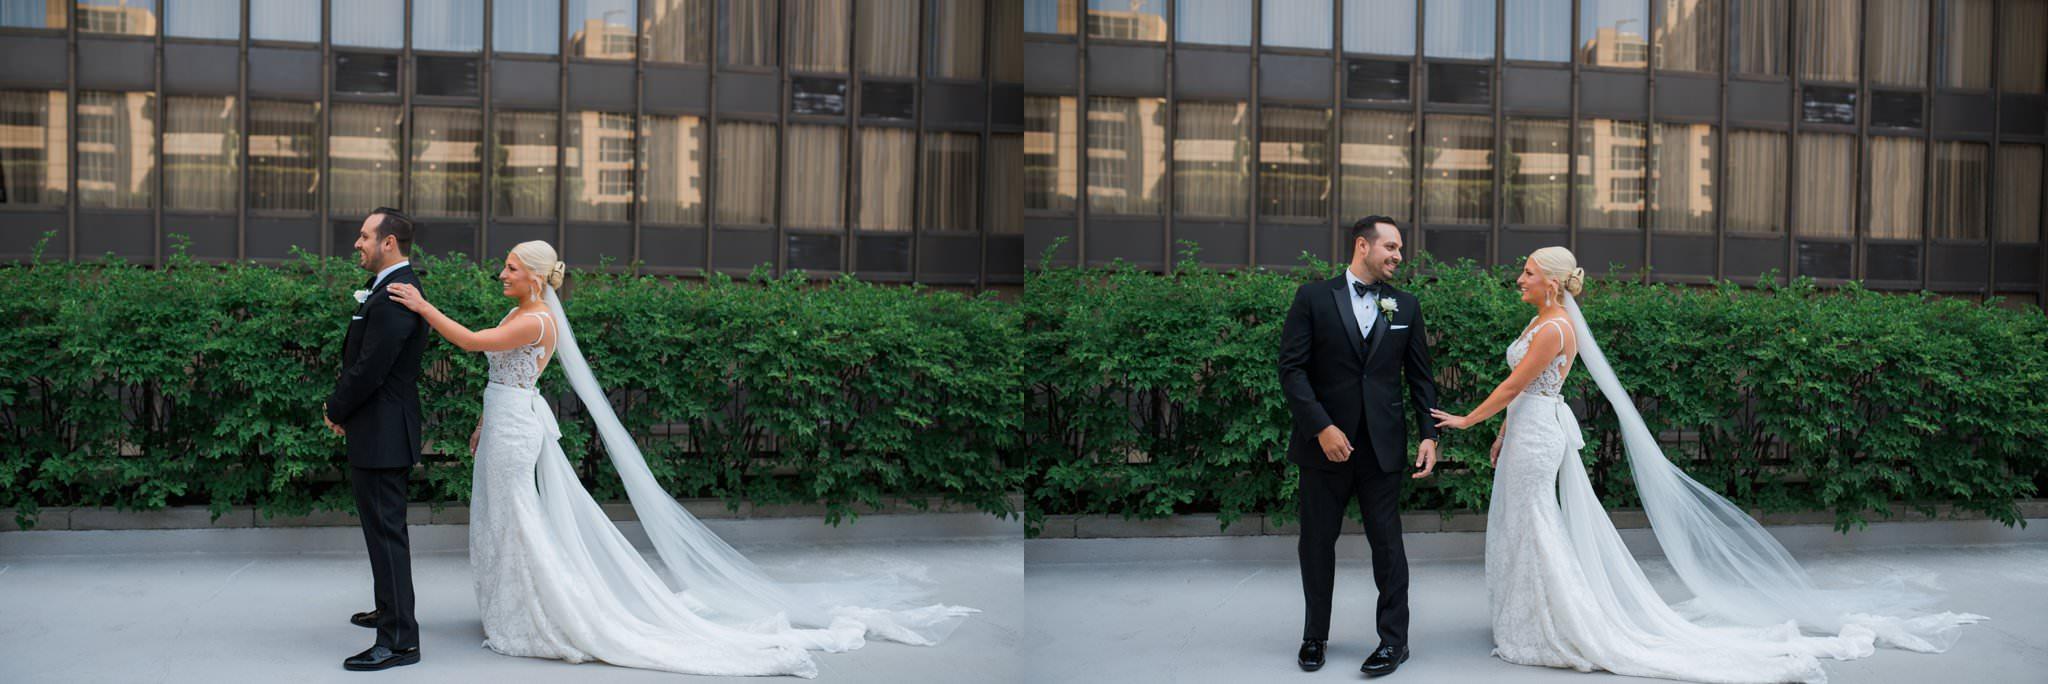 Adler Planetarium Wedding.Adler Planetarium Wedding Photography Roslanna Johnnie Steve